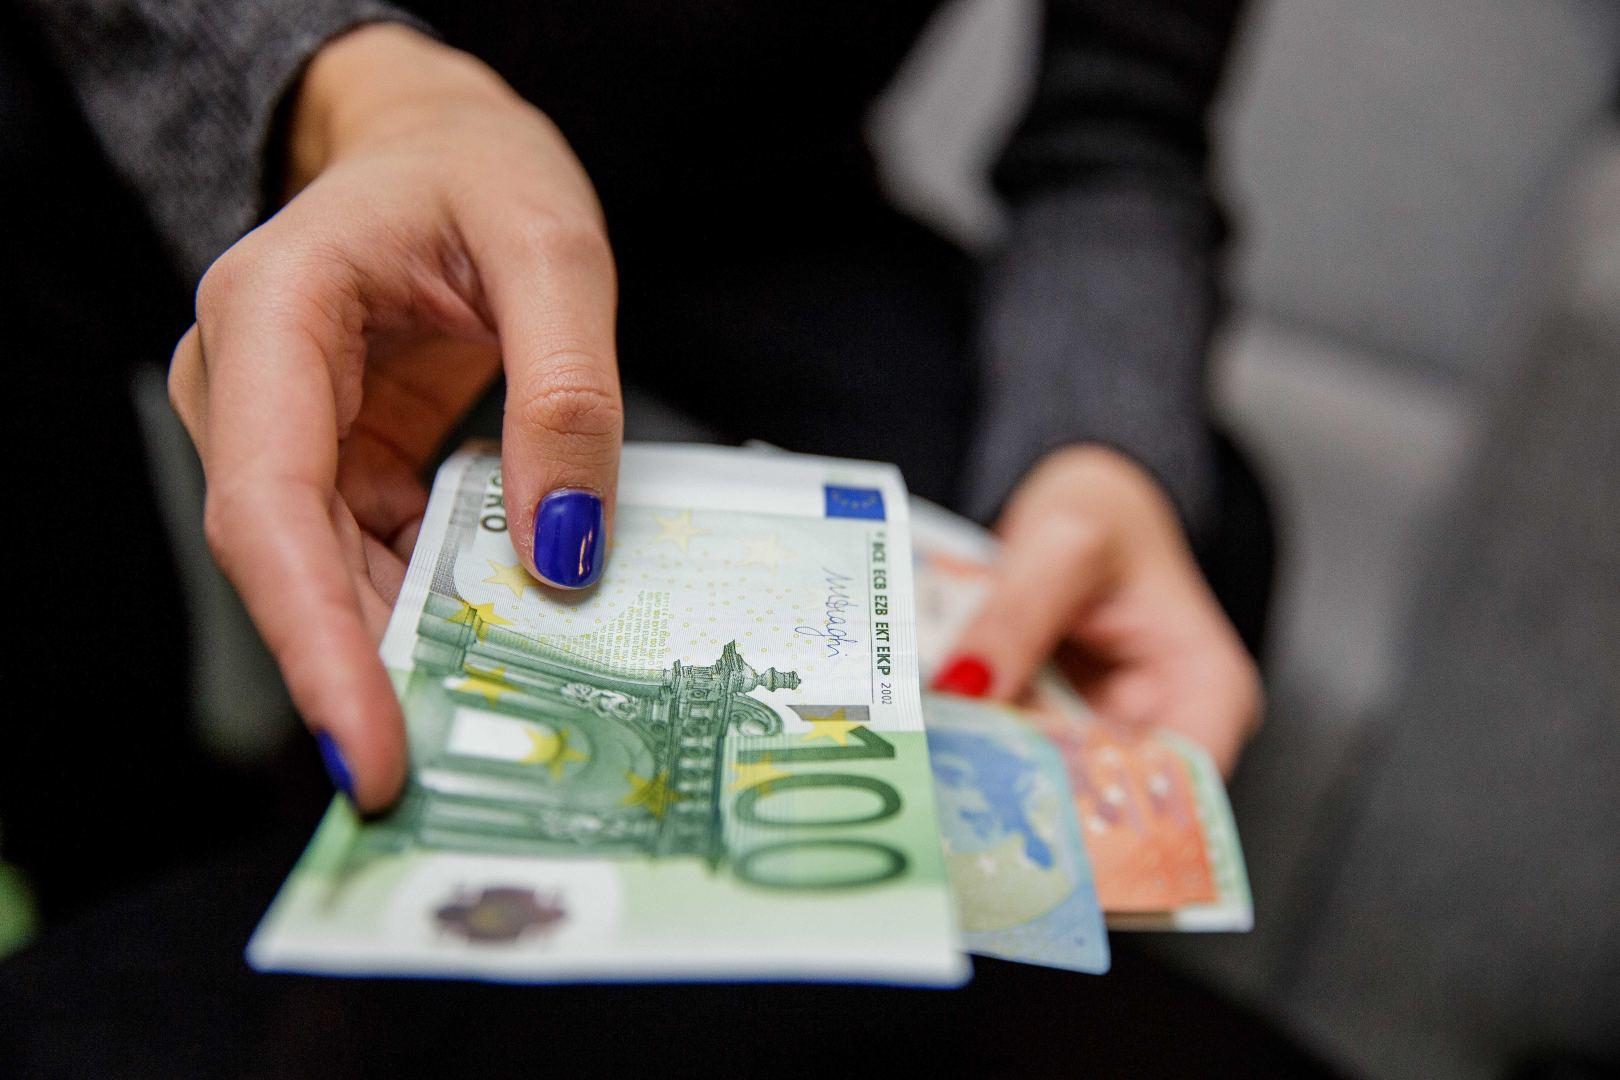 Pasirinkimo galimybės pinigais ir be pinigų